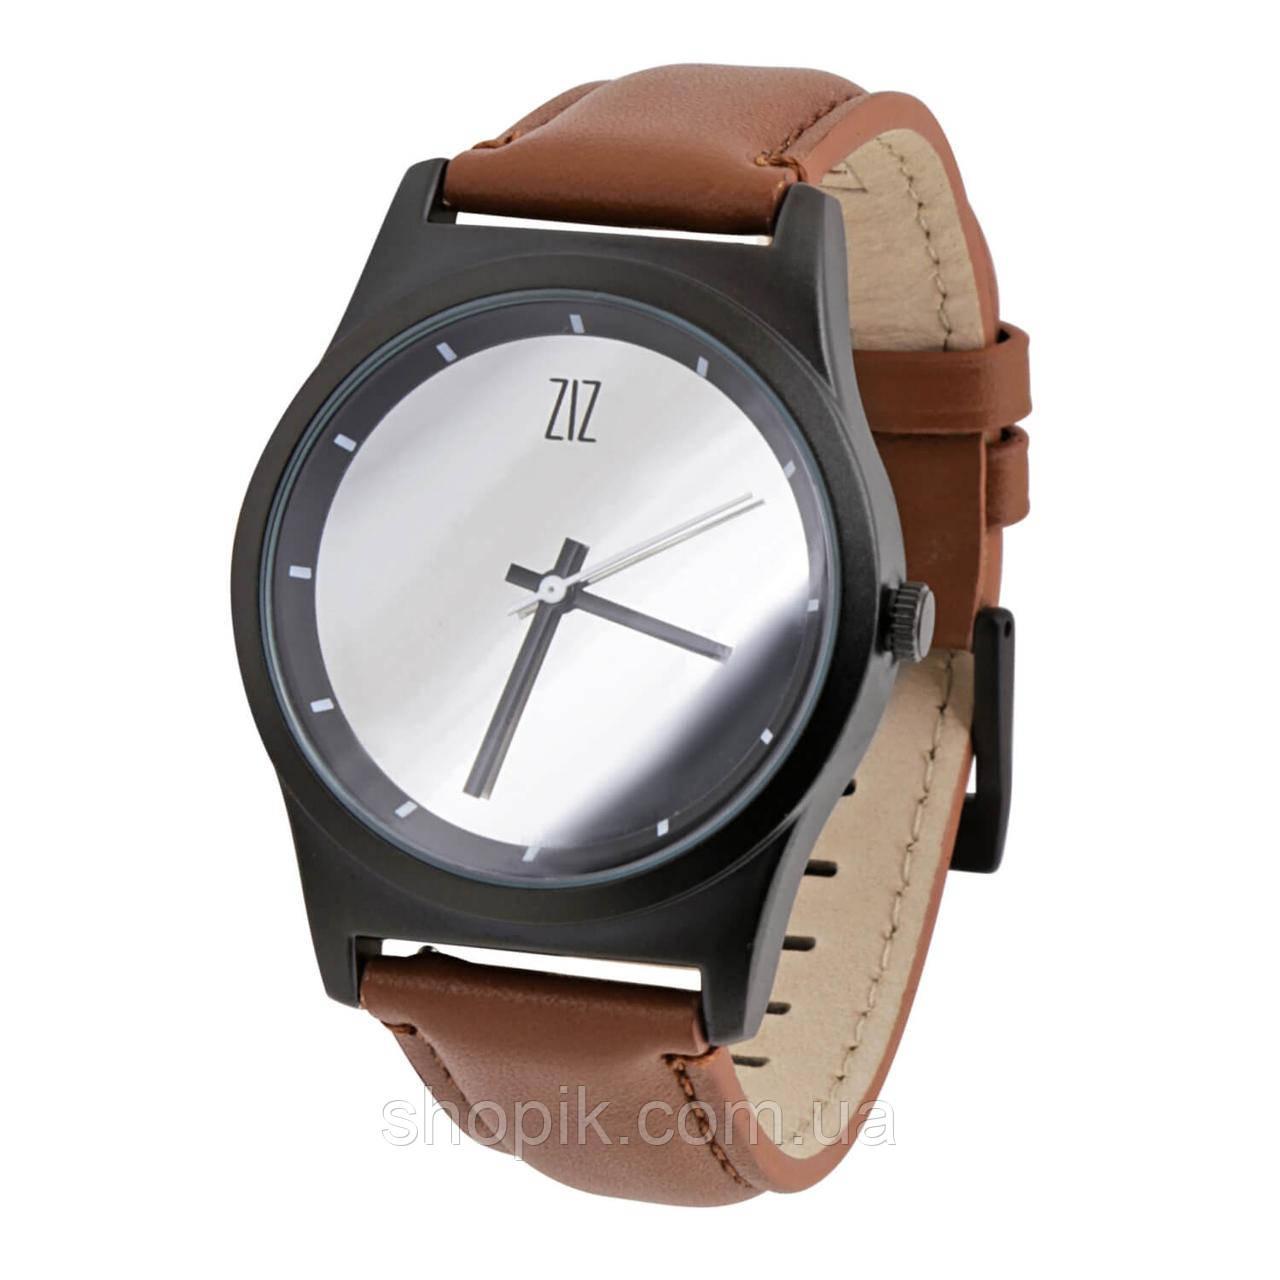 Часы ZIZ Mirror на кожаном ремешке + доп. ремешок + подарочная коробка (4100343) SHOPIK